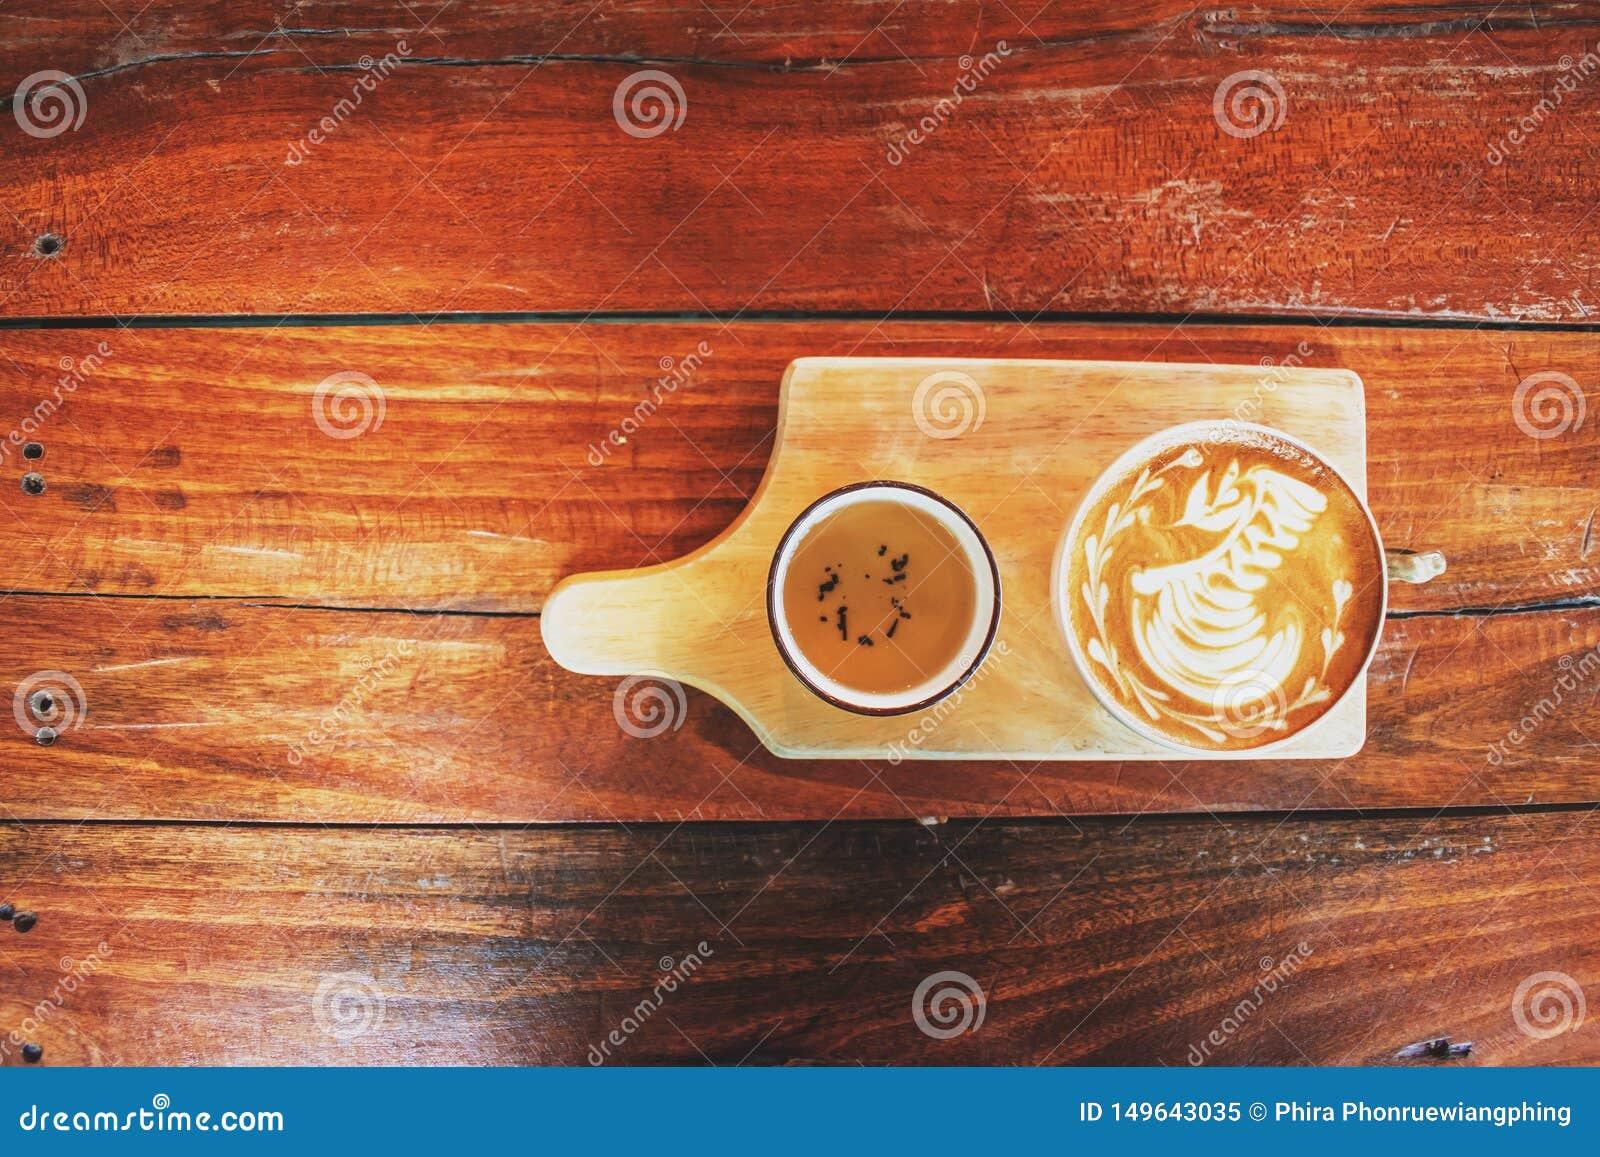 De zwaan van de koffie latte kunst op de oude houten lijst koffiewinkel, Thailand